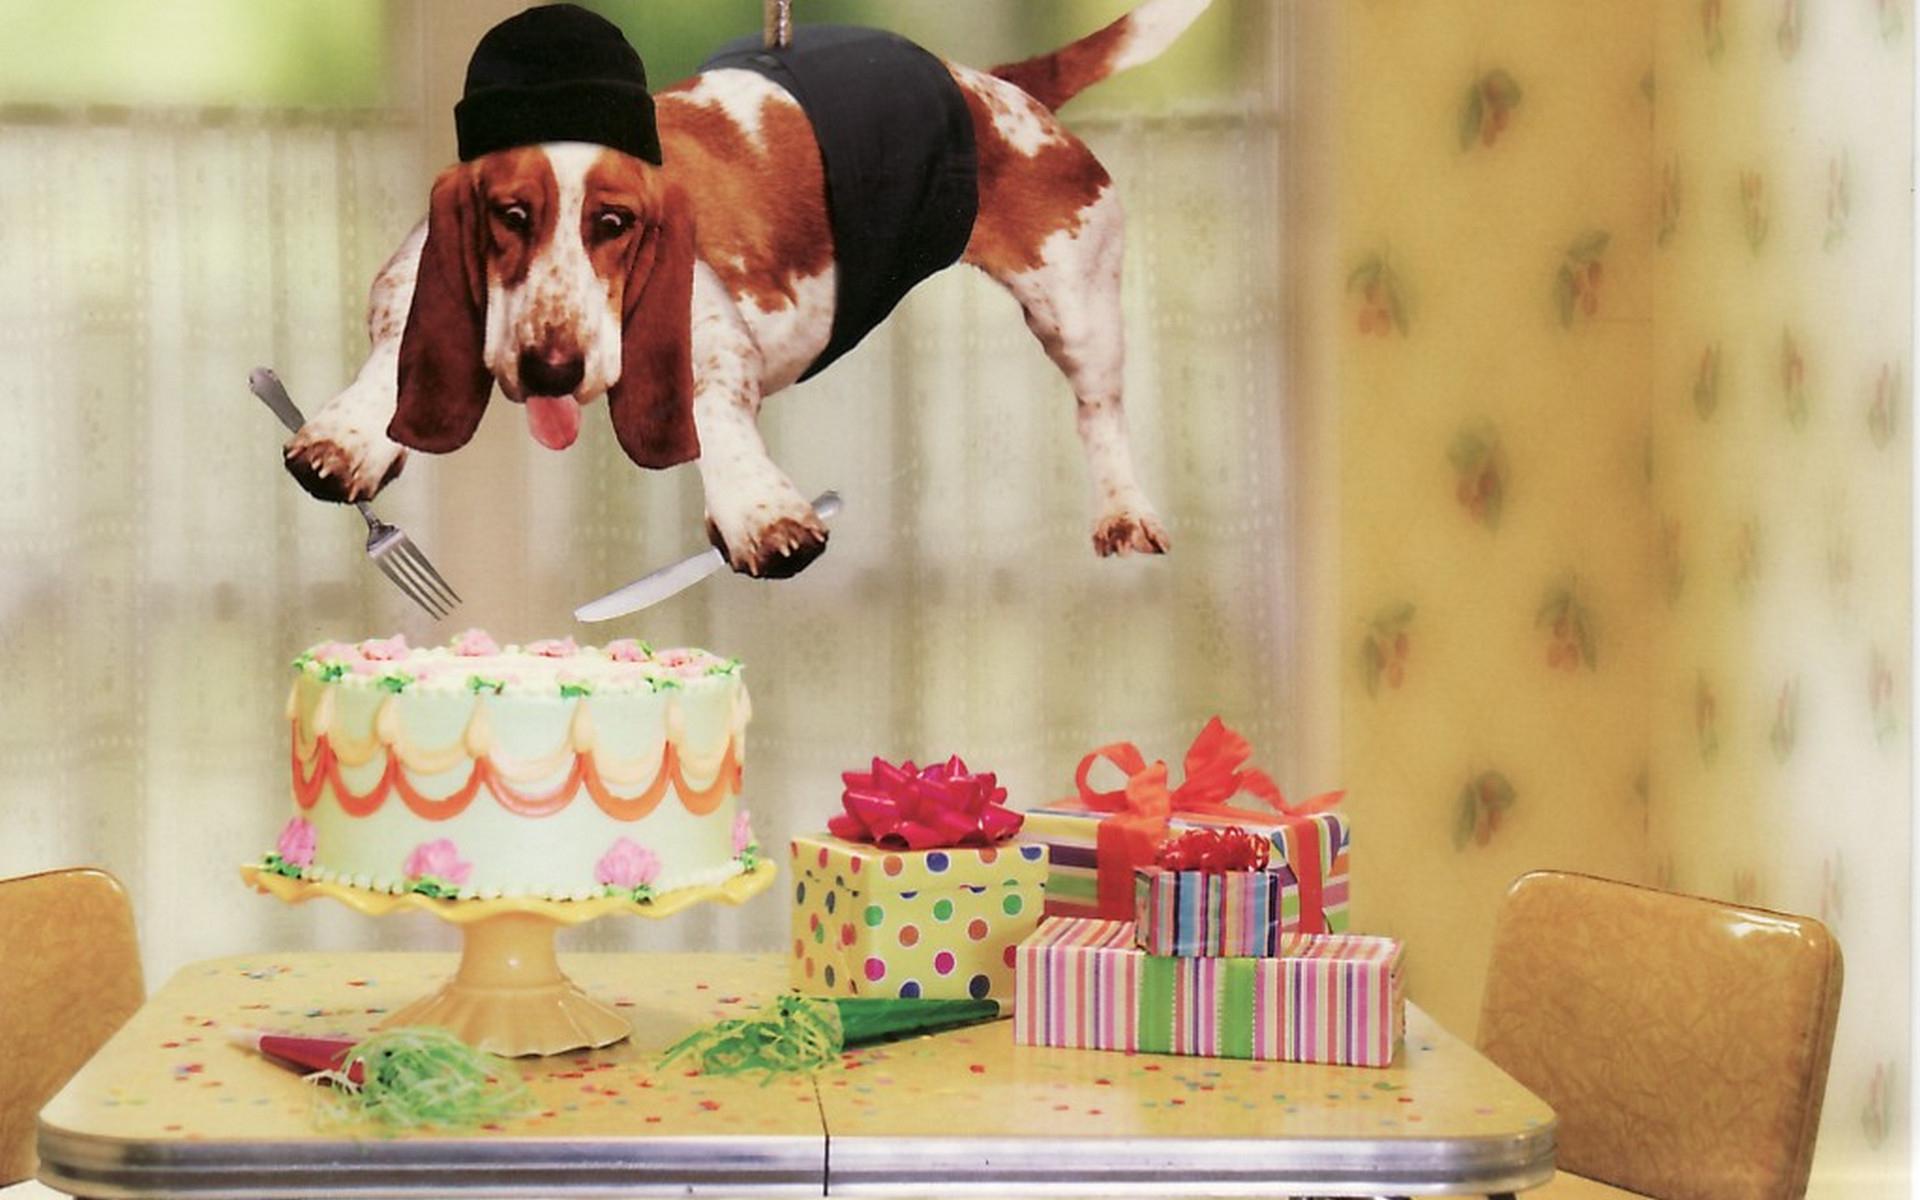 Картинки с приколами на день рождения фото